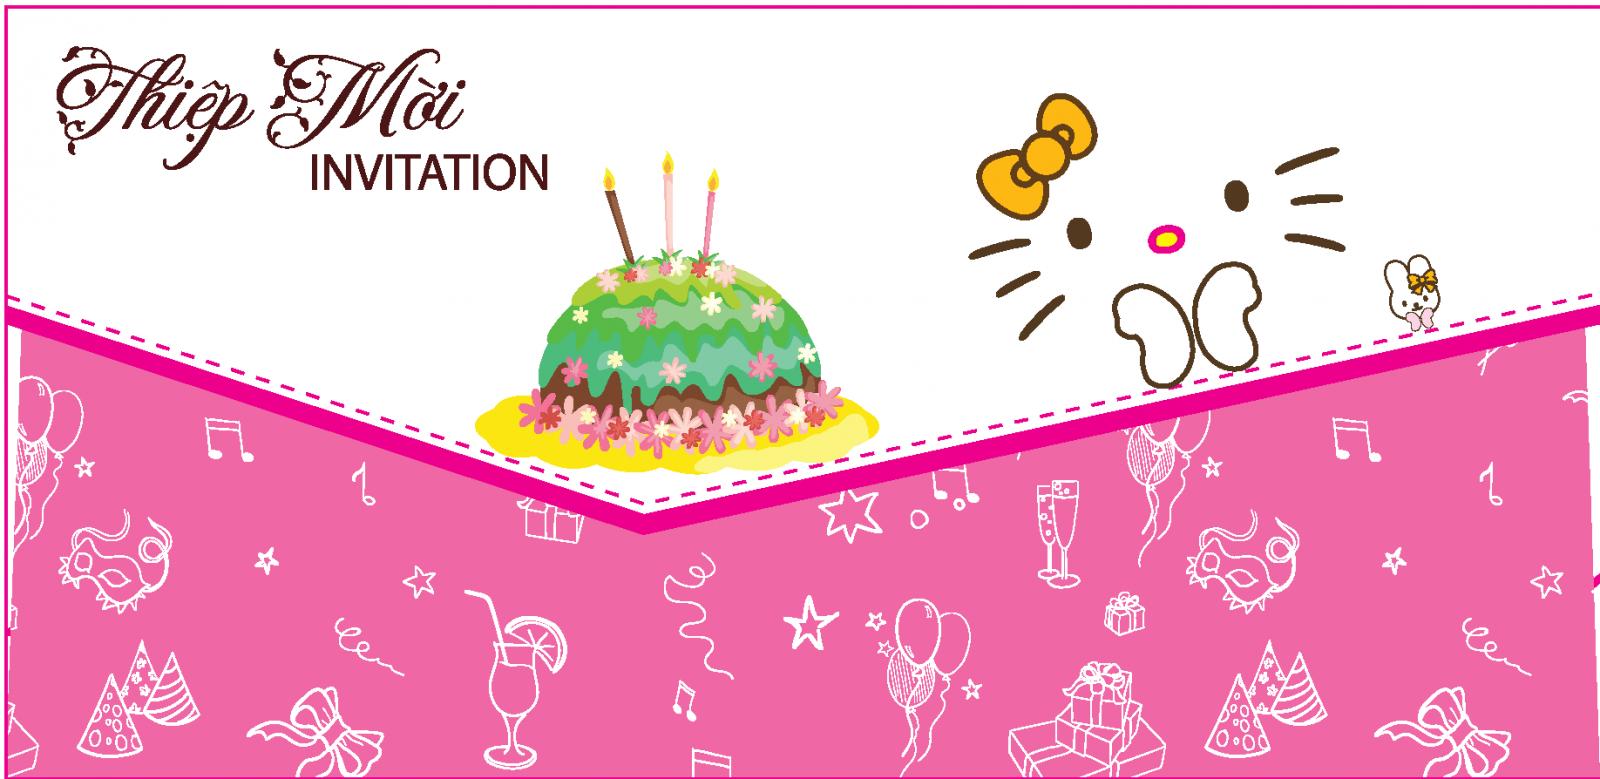 Hình thiệp mời sinh nhật dễ thương